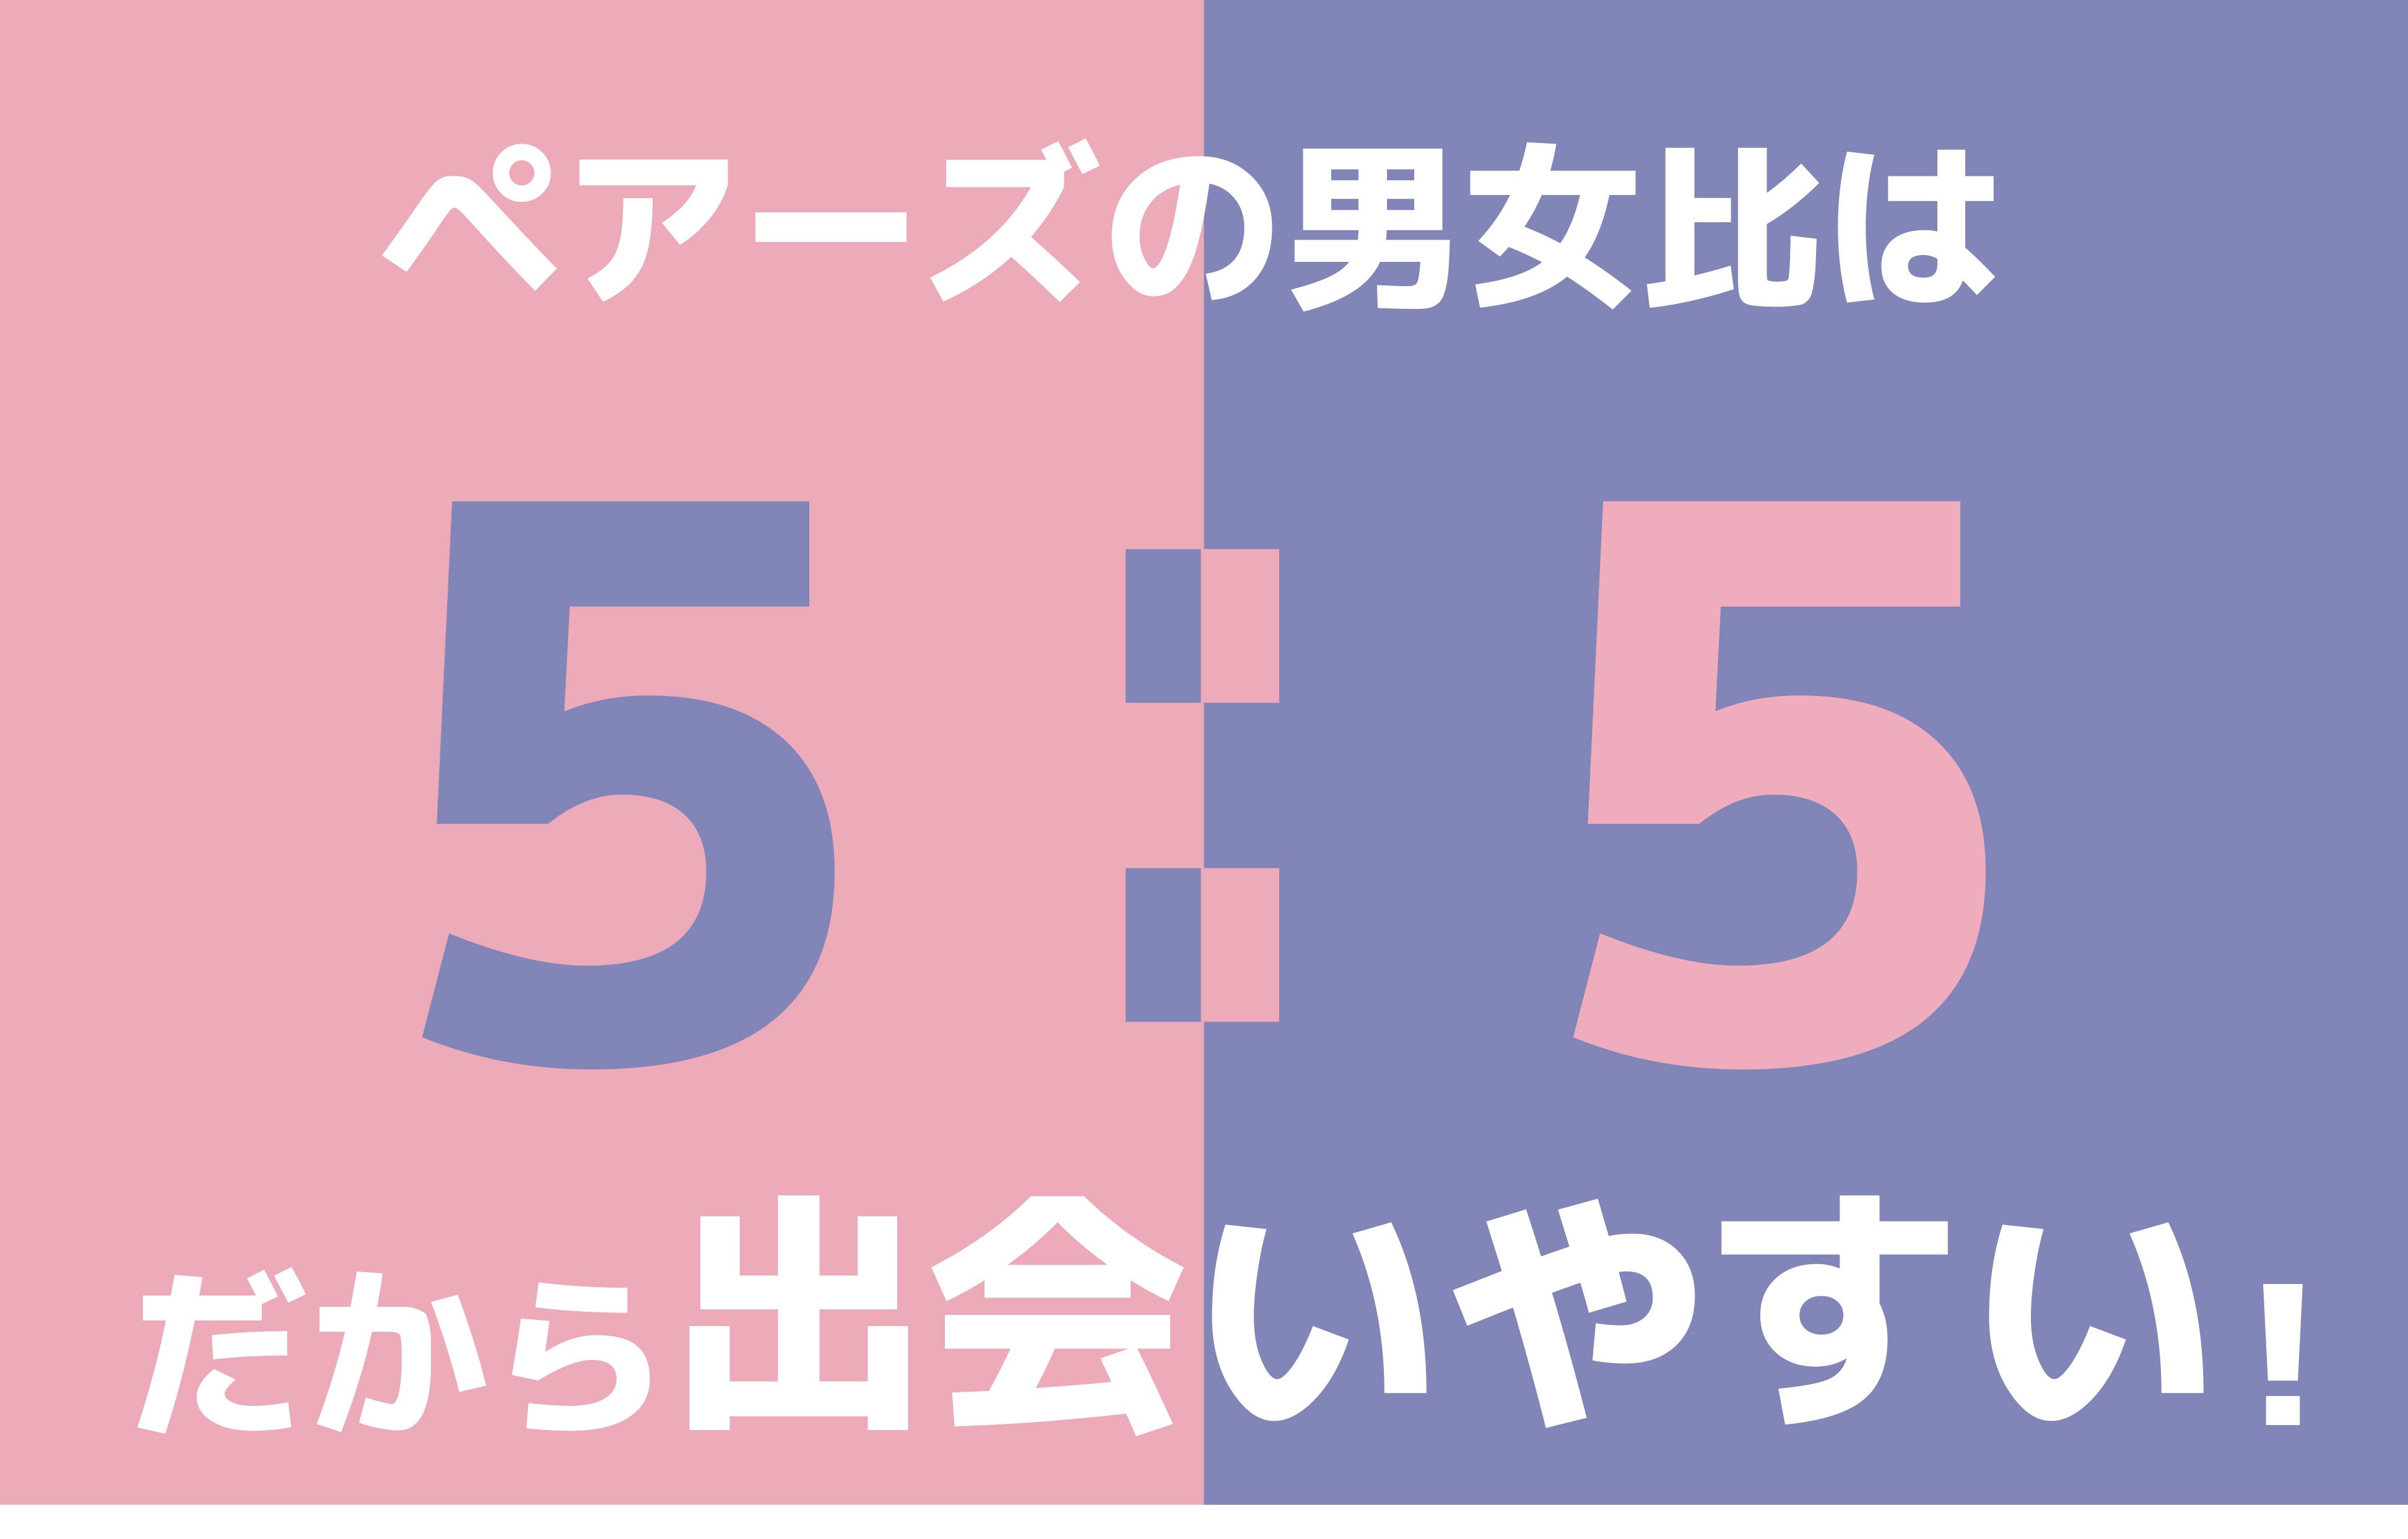 ペアーズ大阪の男女比